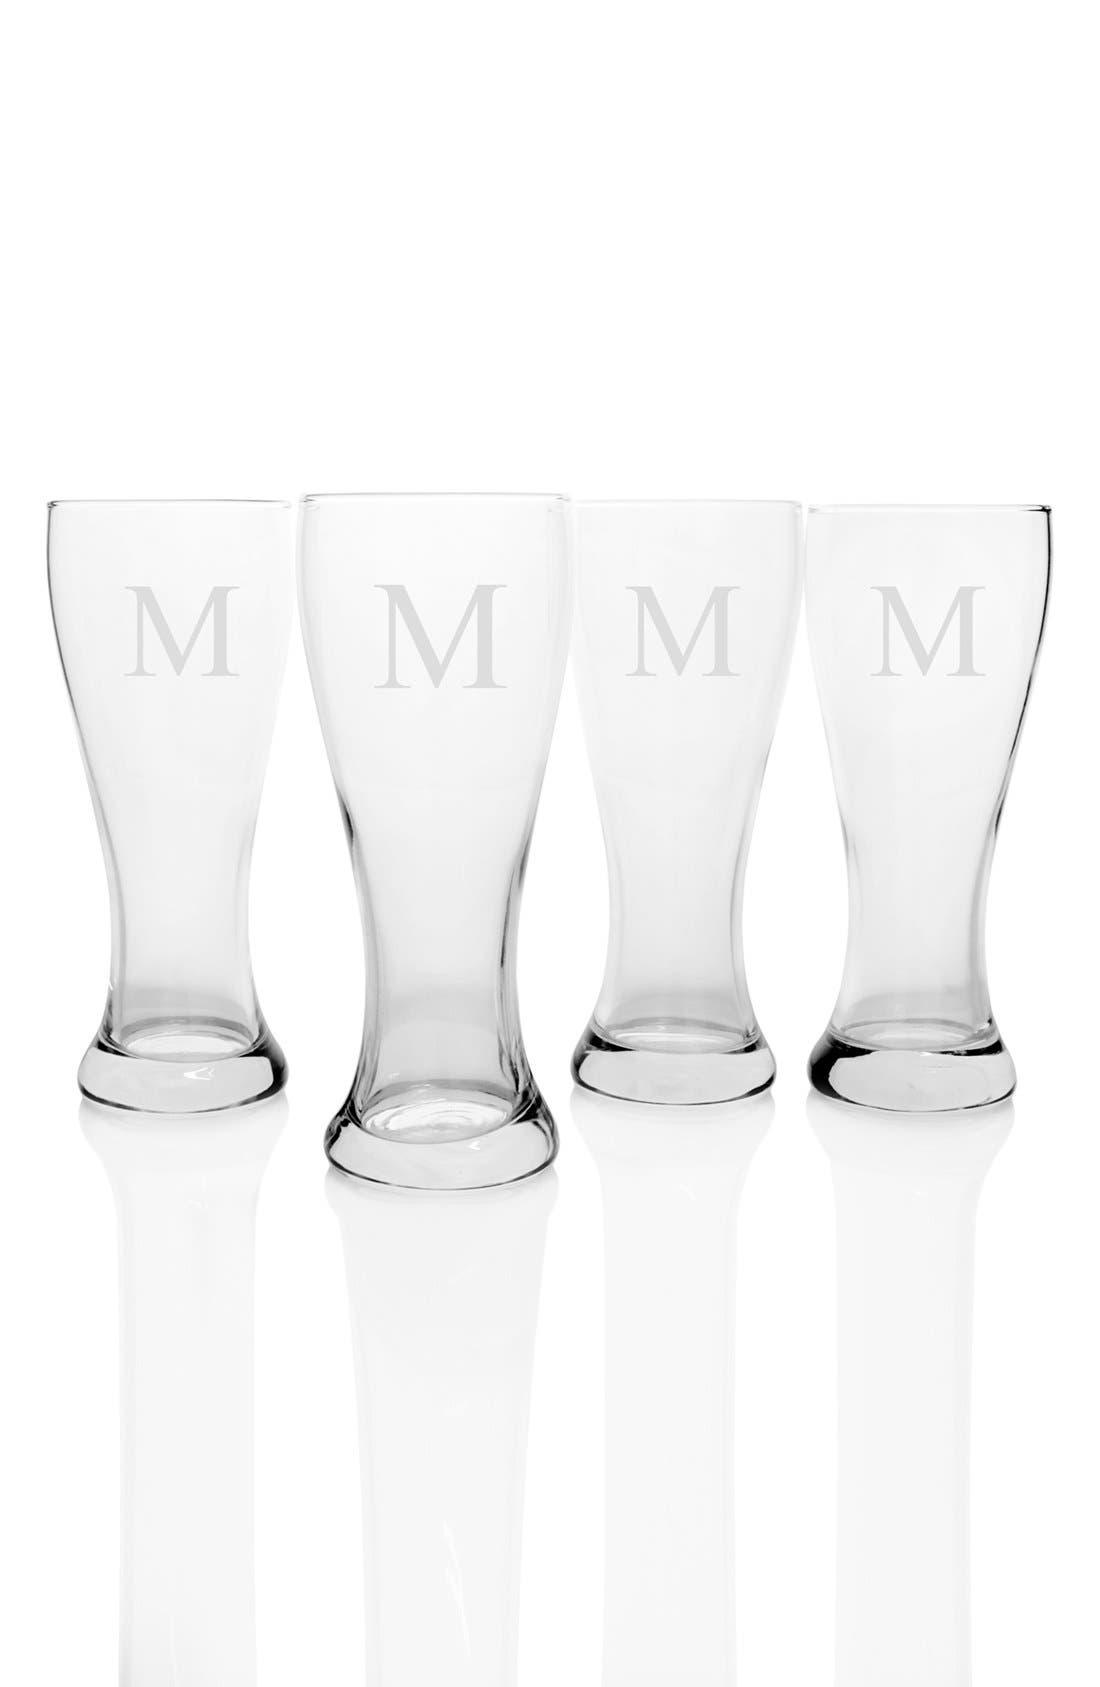 Monogram Pilsner Glasses,                             Alternate thumbnail 28, color,